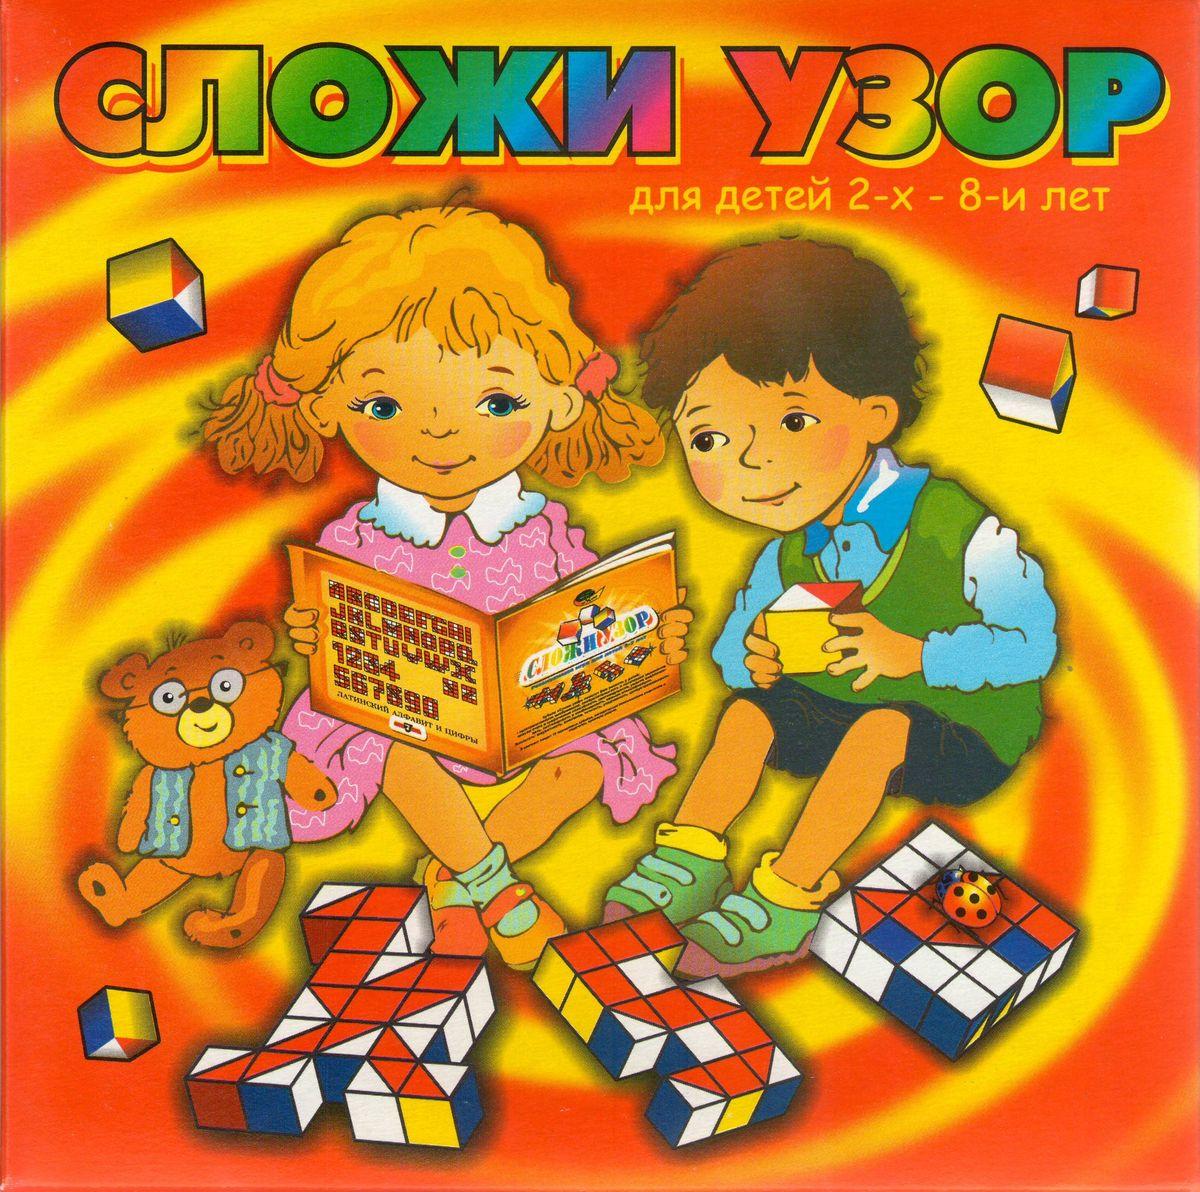 Корвет Обучающая игра Кубики Сложи узор4680000430289Игра состоит из 16 кубиков, грани которых окрашены в четыре цвета (красный, желтый, синий, белый) определенным образом. С помощью этой игры можно развить у ребенка пространственное воображение, аккуратность, внимание, графические способности, а также умение анализировать, синтезировать, комбинировать.